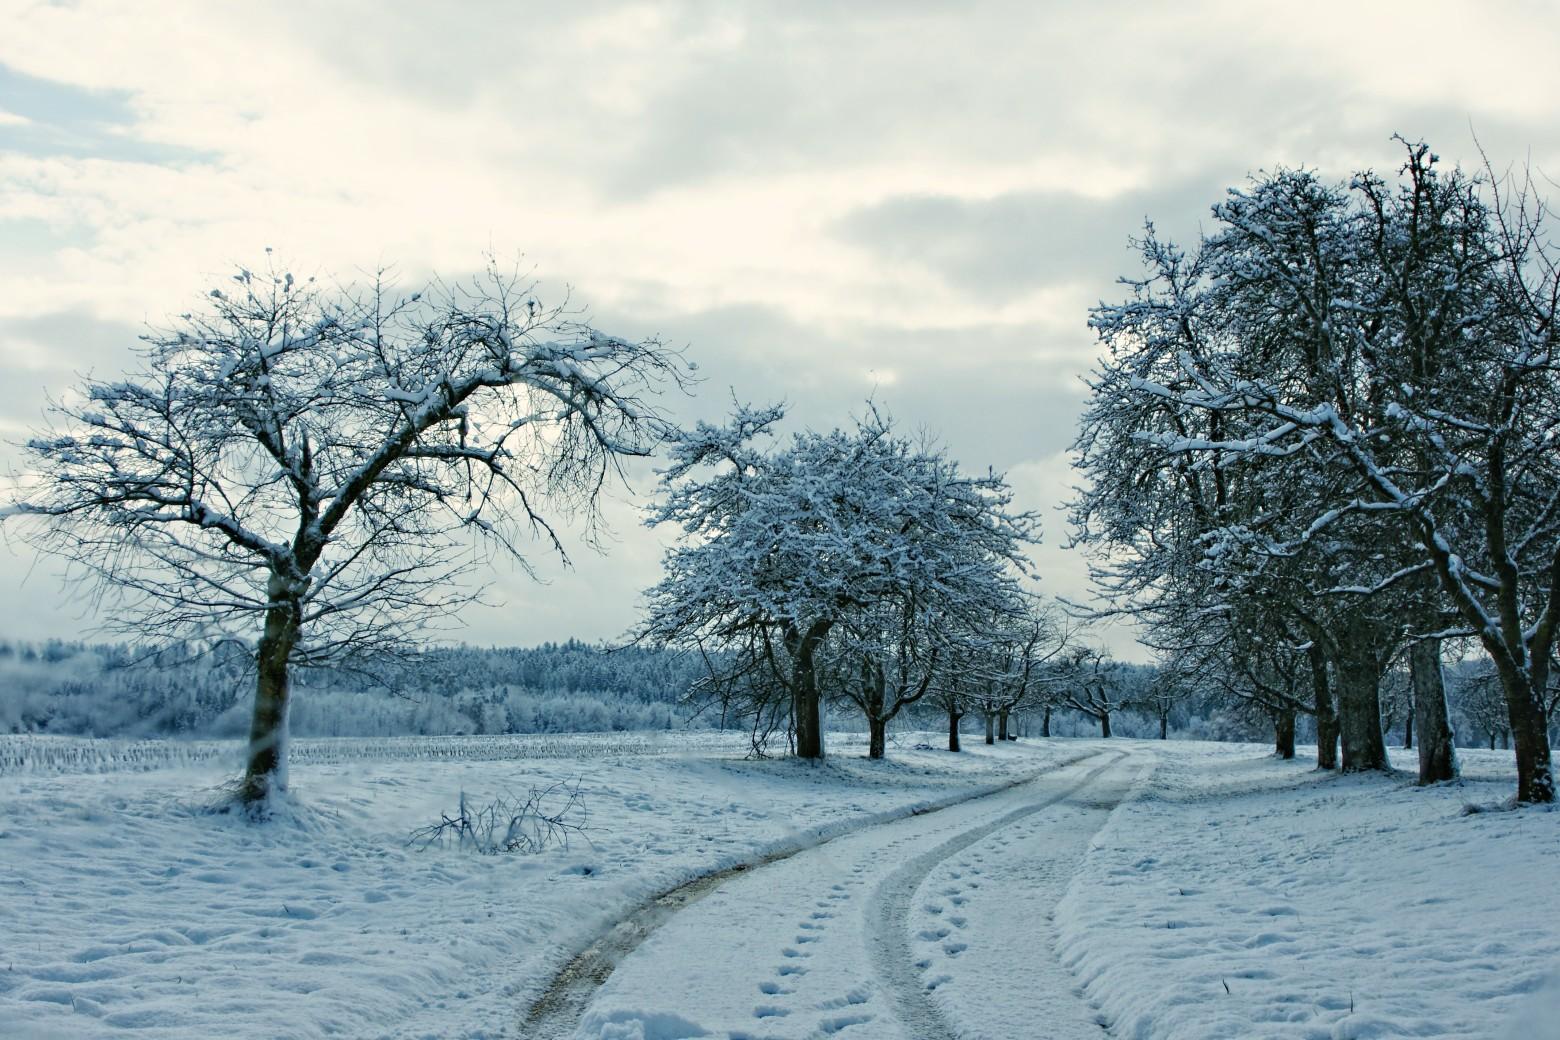 Paysage de neige images gratuites et libres de droits - Photos de neige gratuites ...